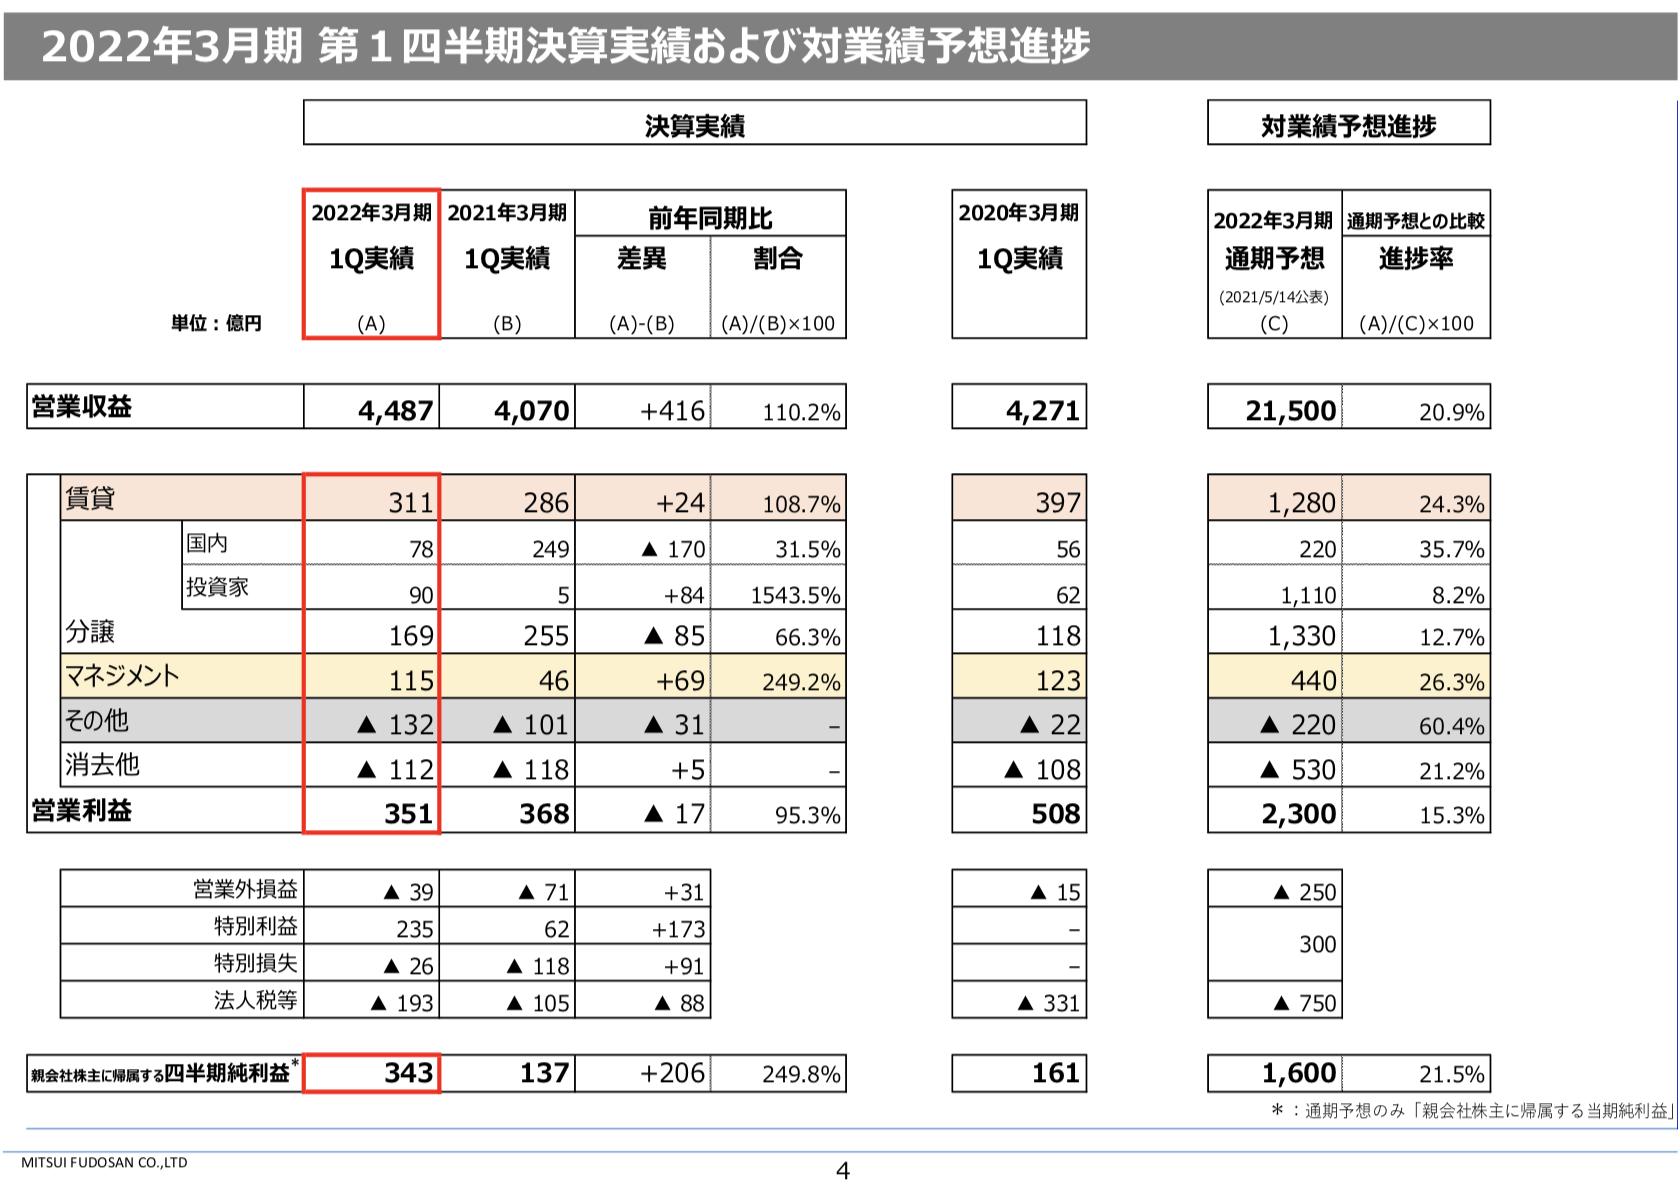 三井不動産 2021年度1Q決算を徹底解説! さとり世代の株日記 資産運用 株 投資 資産形成 株式投資